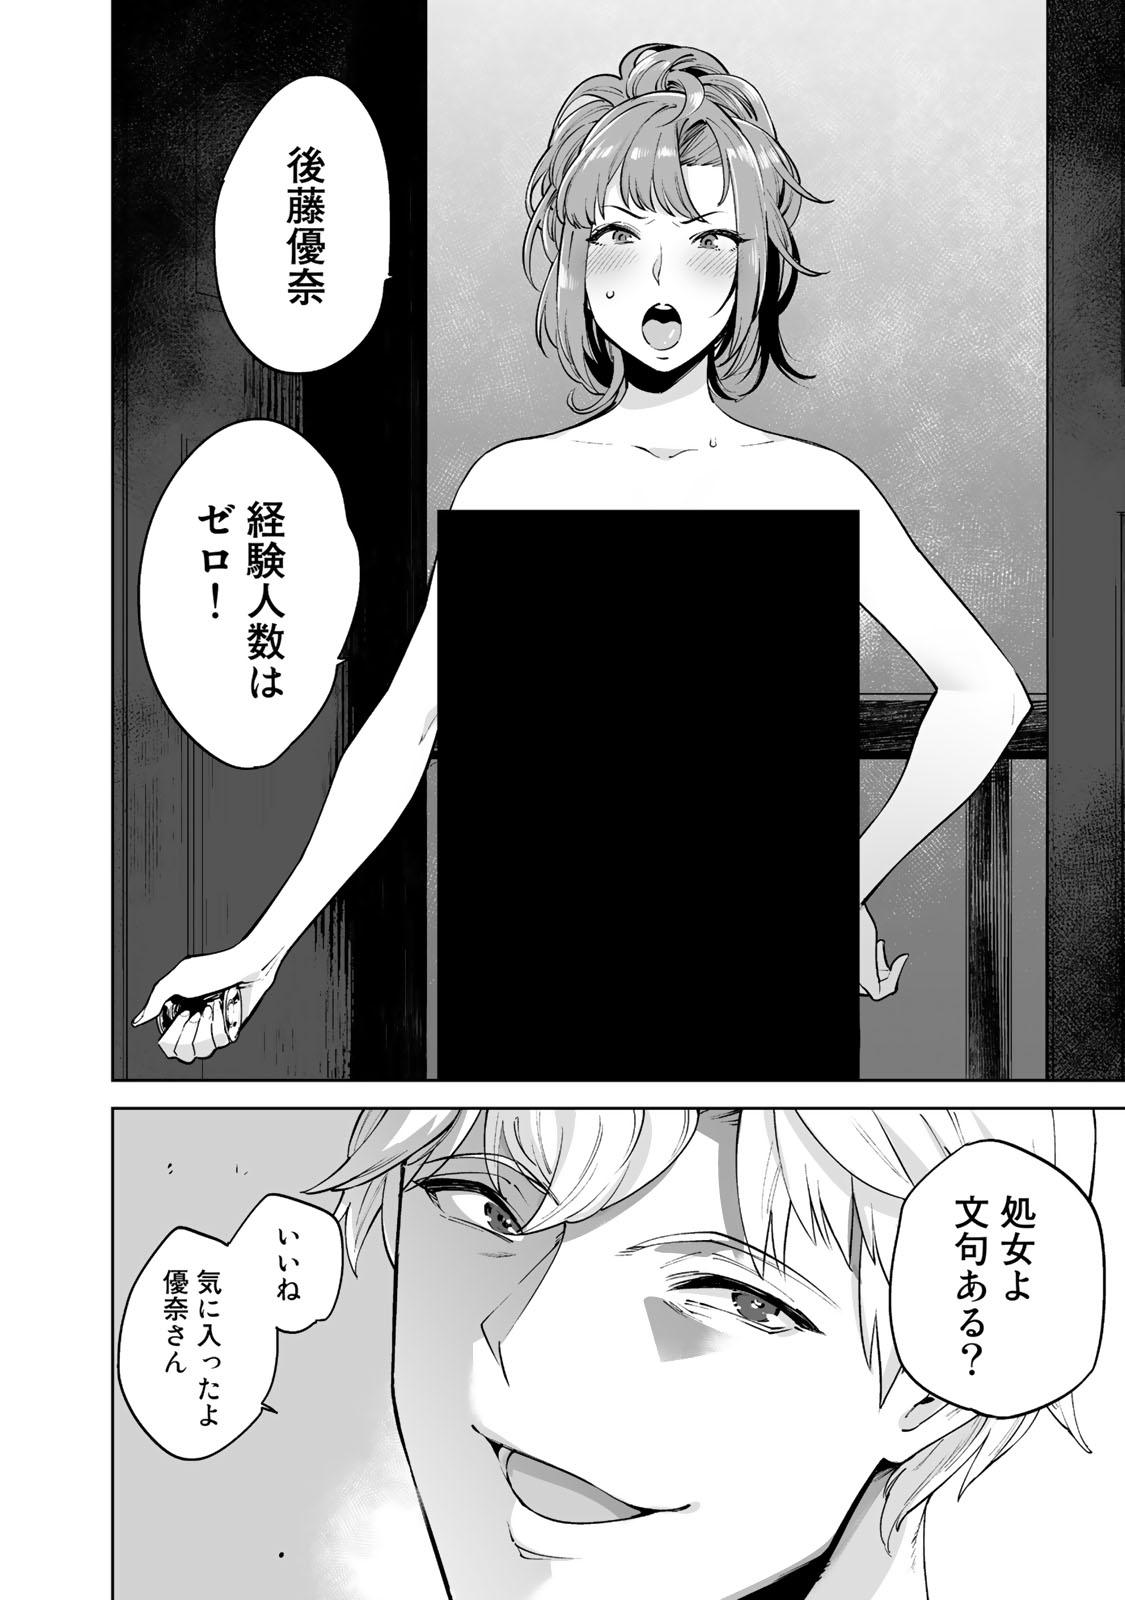 バトル ロワイヤル 漫画 無料